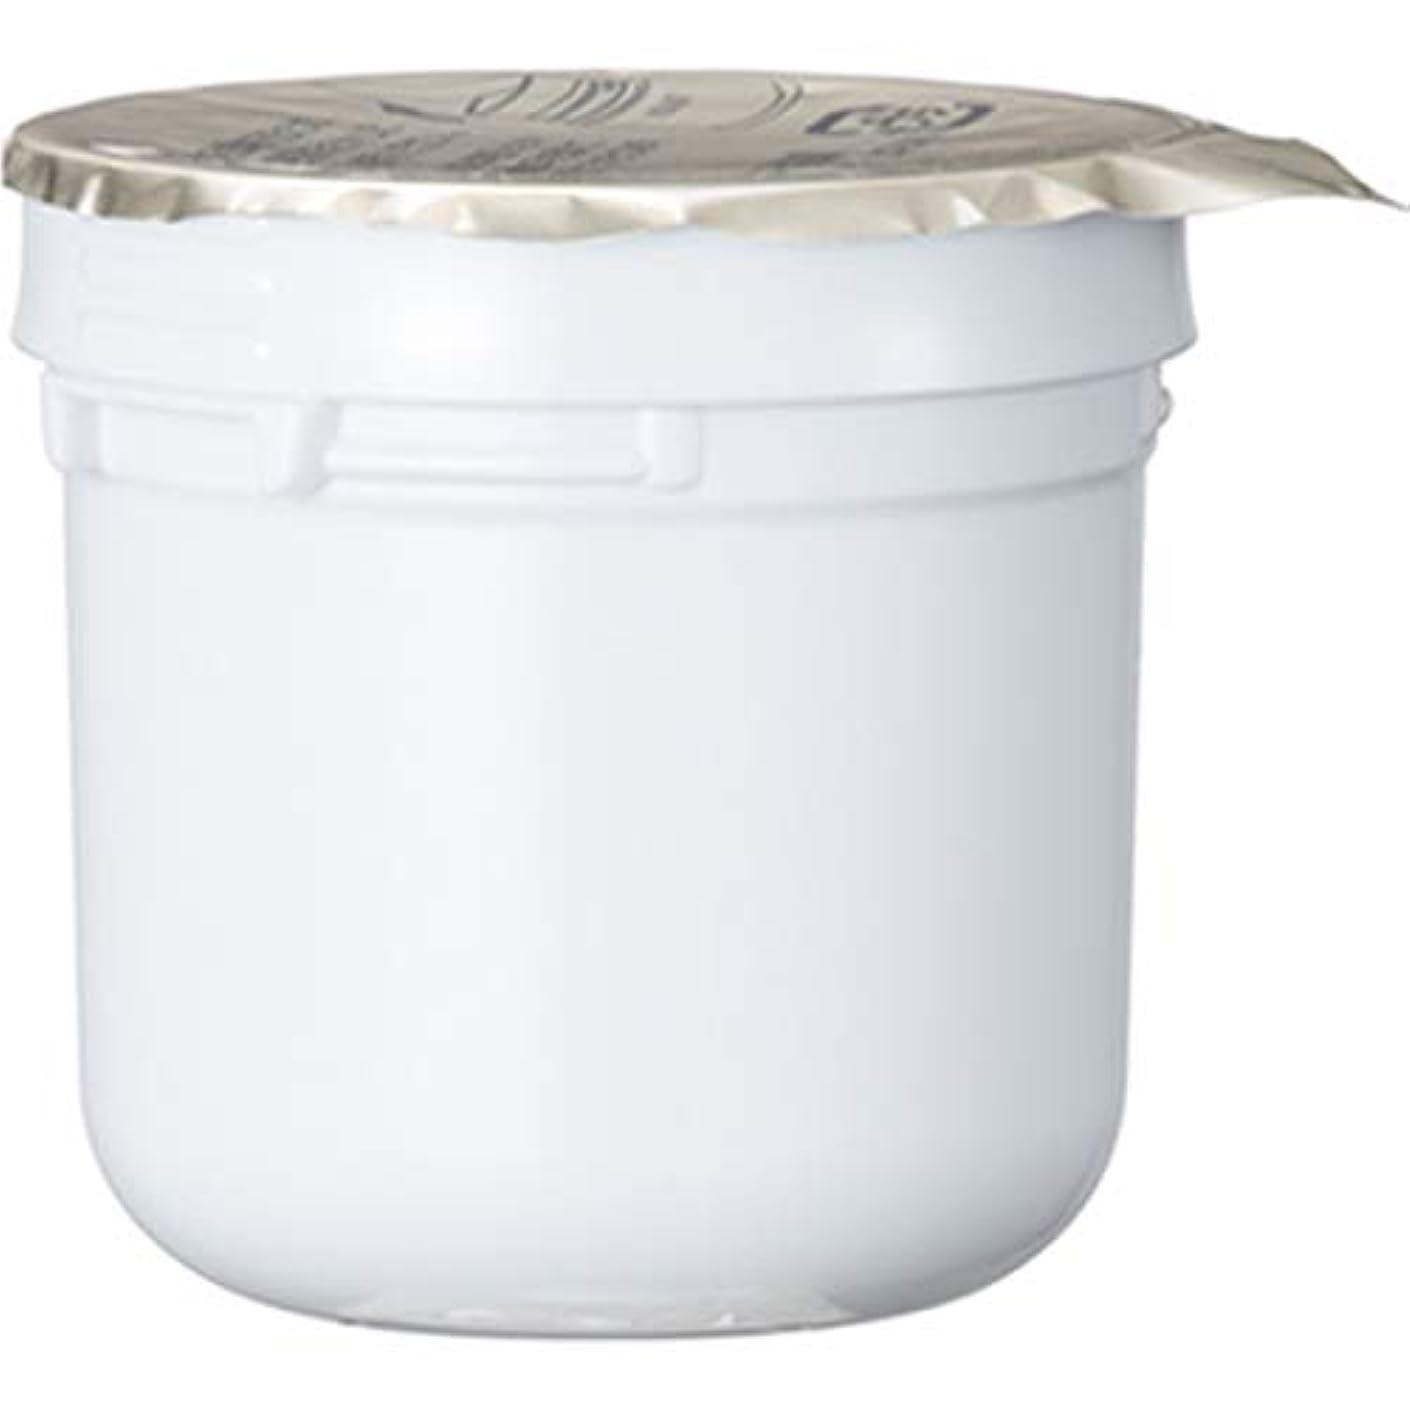 黒人カウントアップバナーASTALIFT(アスタリフト) ホワイト クリーム(美白クリーム)レフィル 30g [並行輸入品]